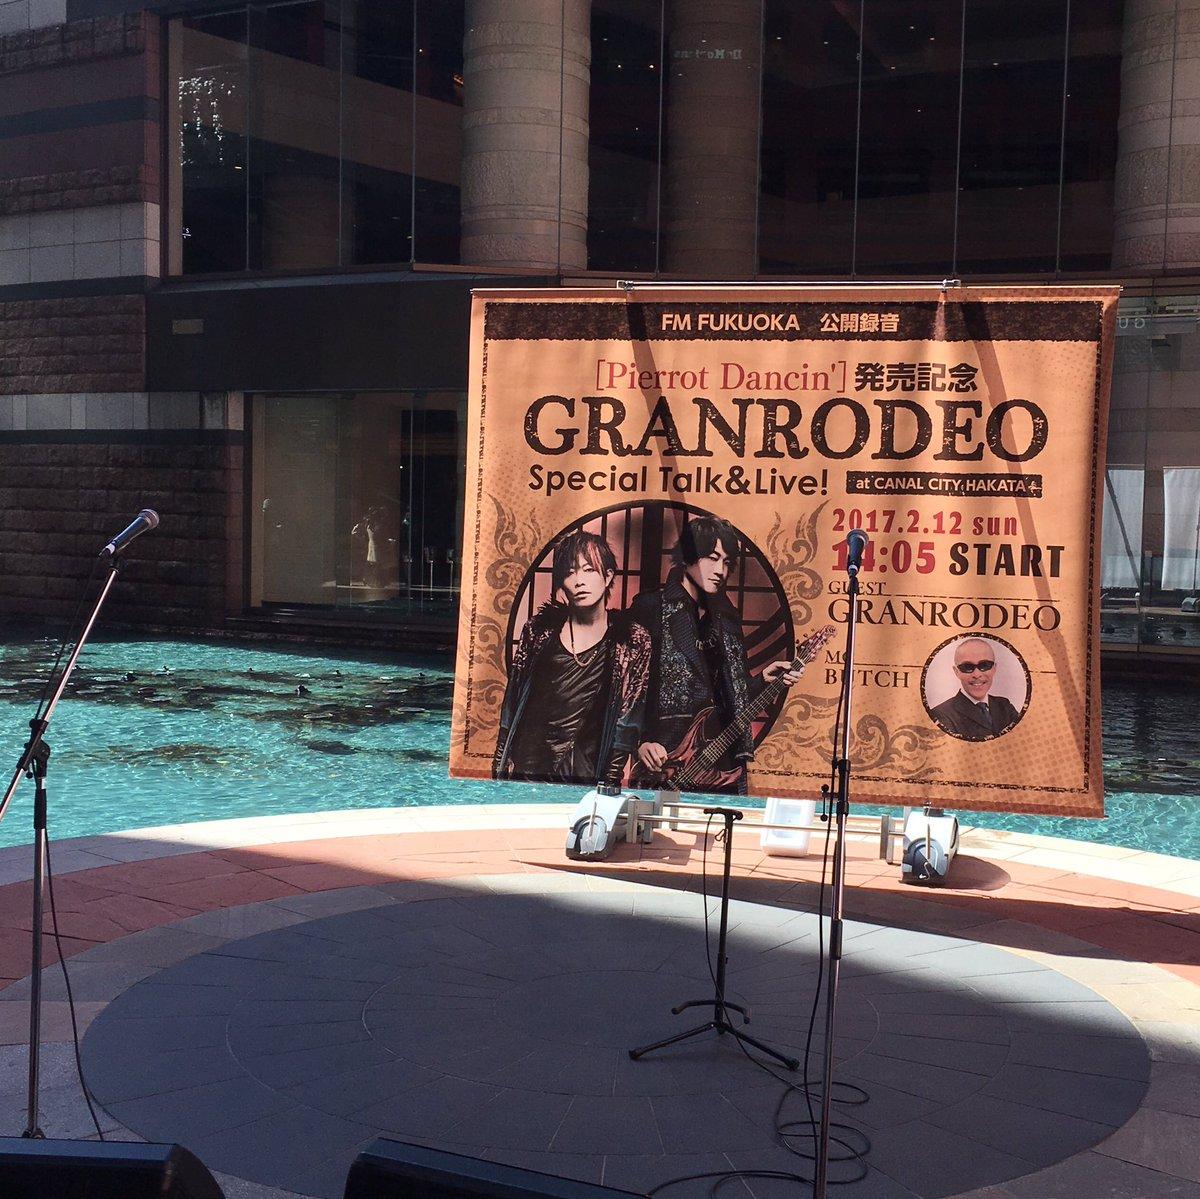 キャナルシティ博多でのイベントはこの後14:05から!お近くの方は是非いらしてください! #GRAN…